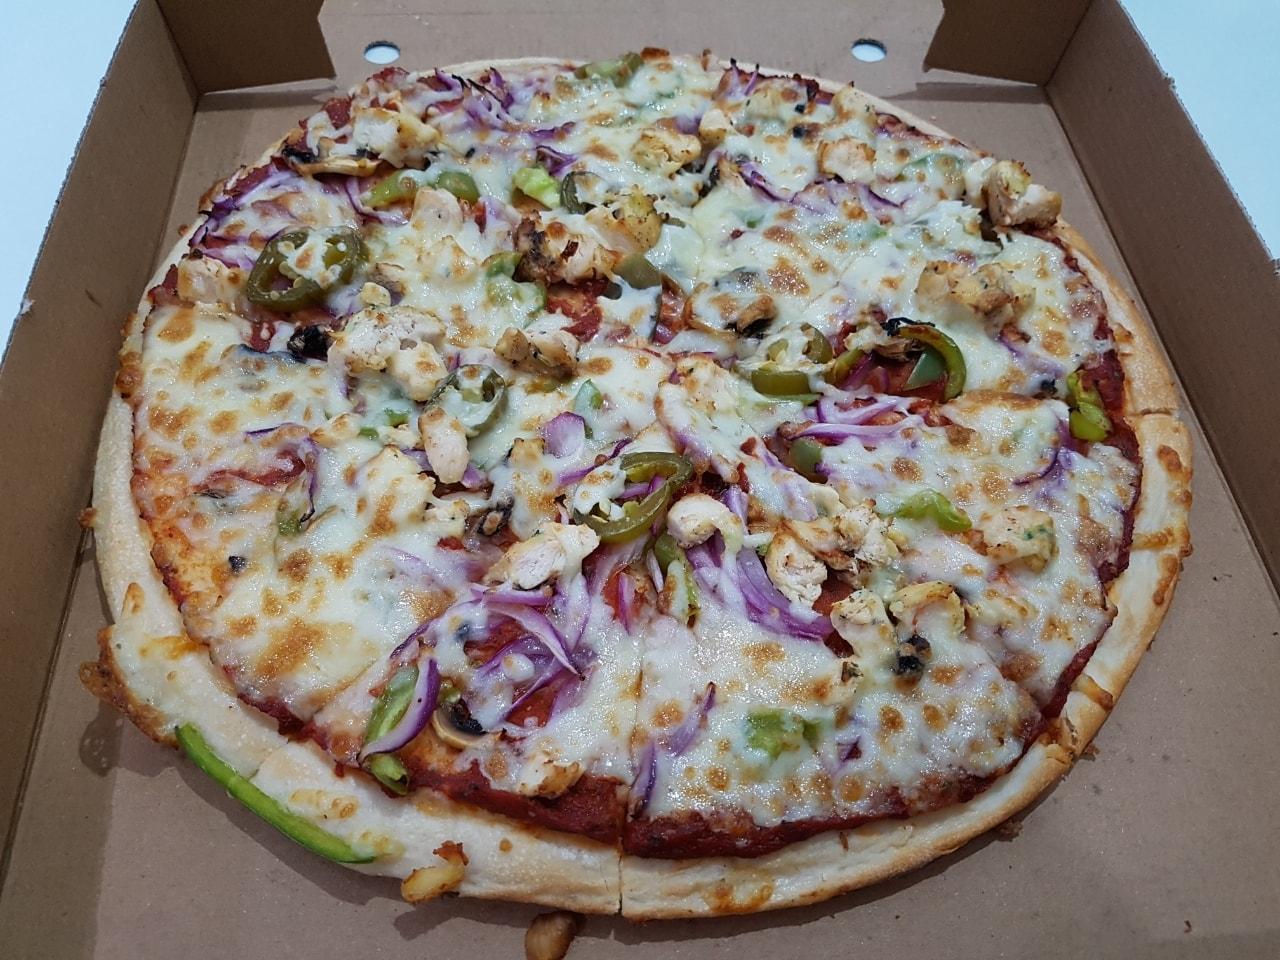 Chicken veg pizza